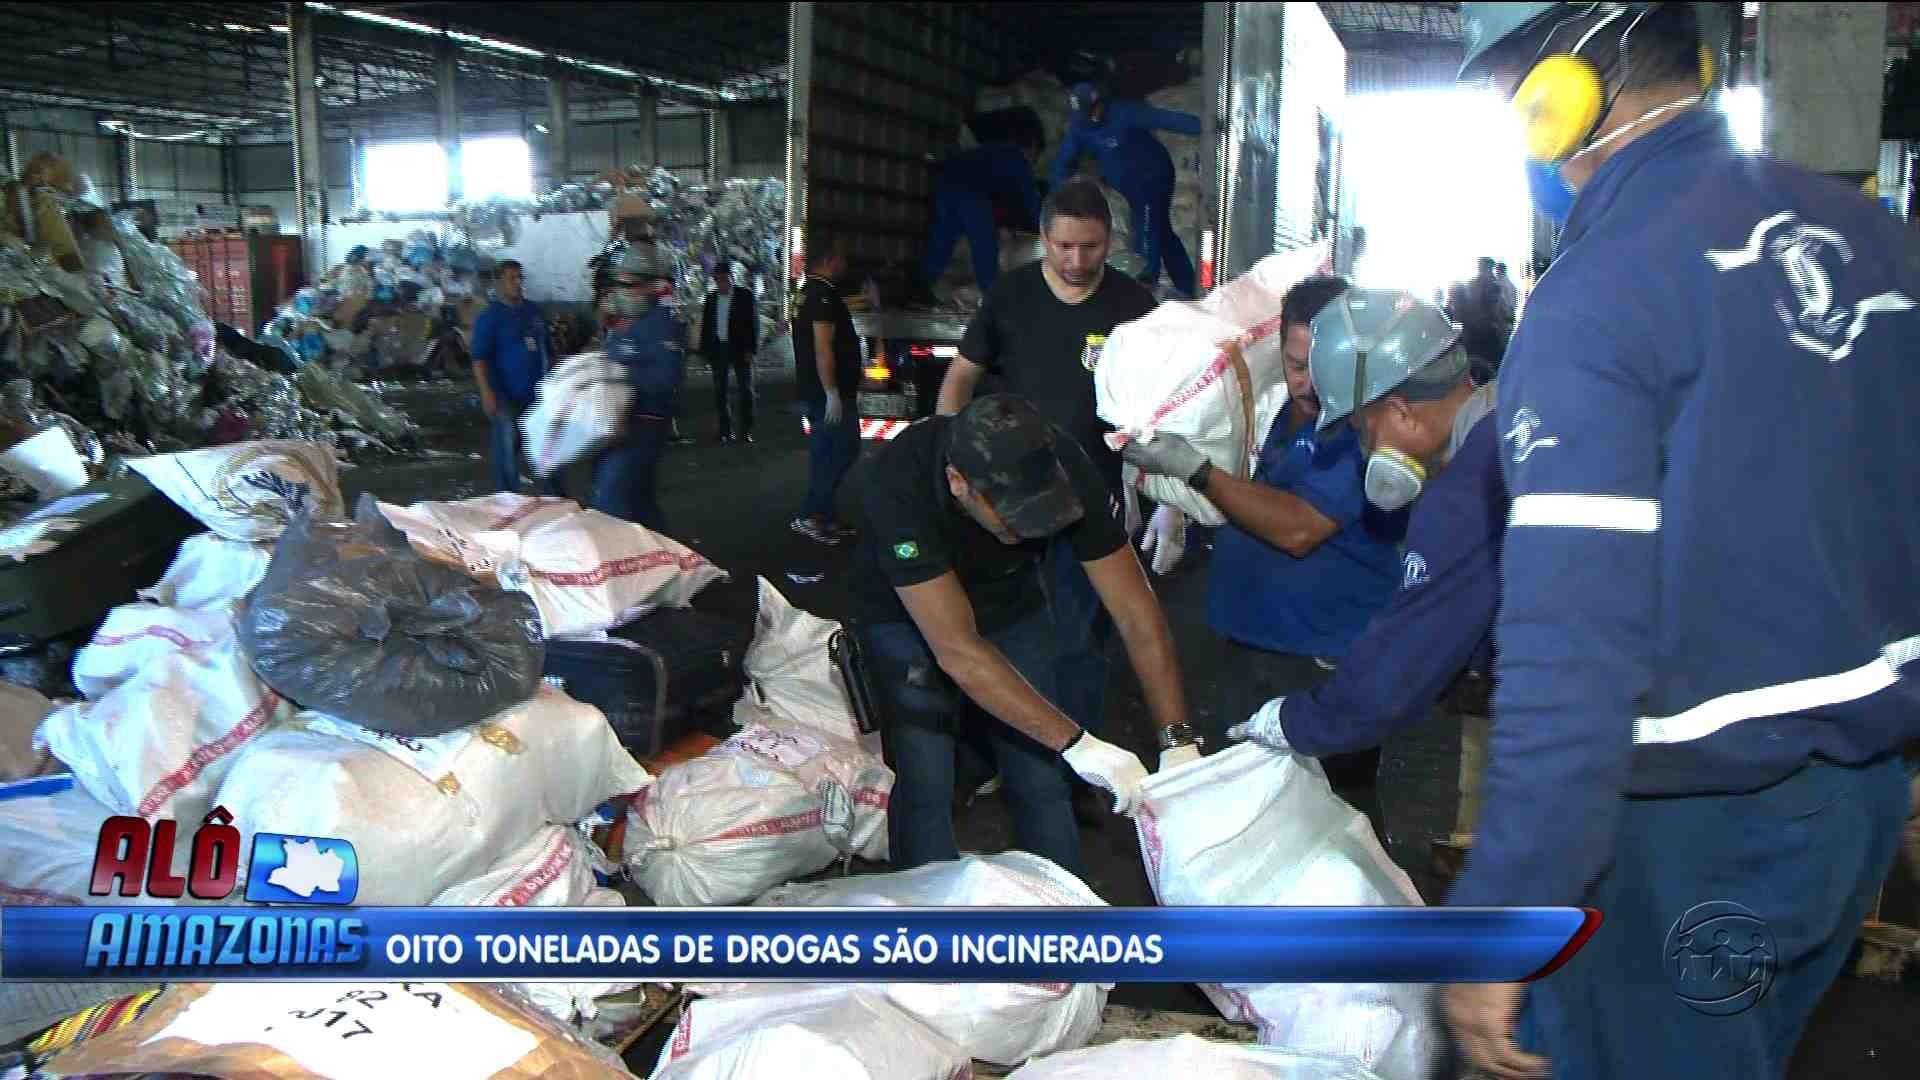 OITO TONELADAS DE DROGAS SÃO INCINERADAS EM MANAUS - Alô Amazonas 15/12/17